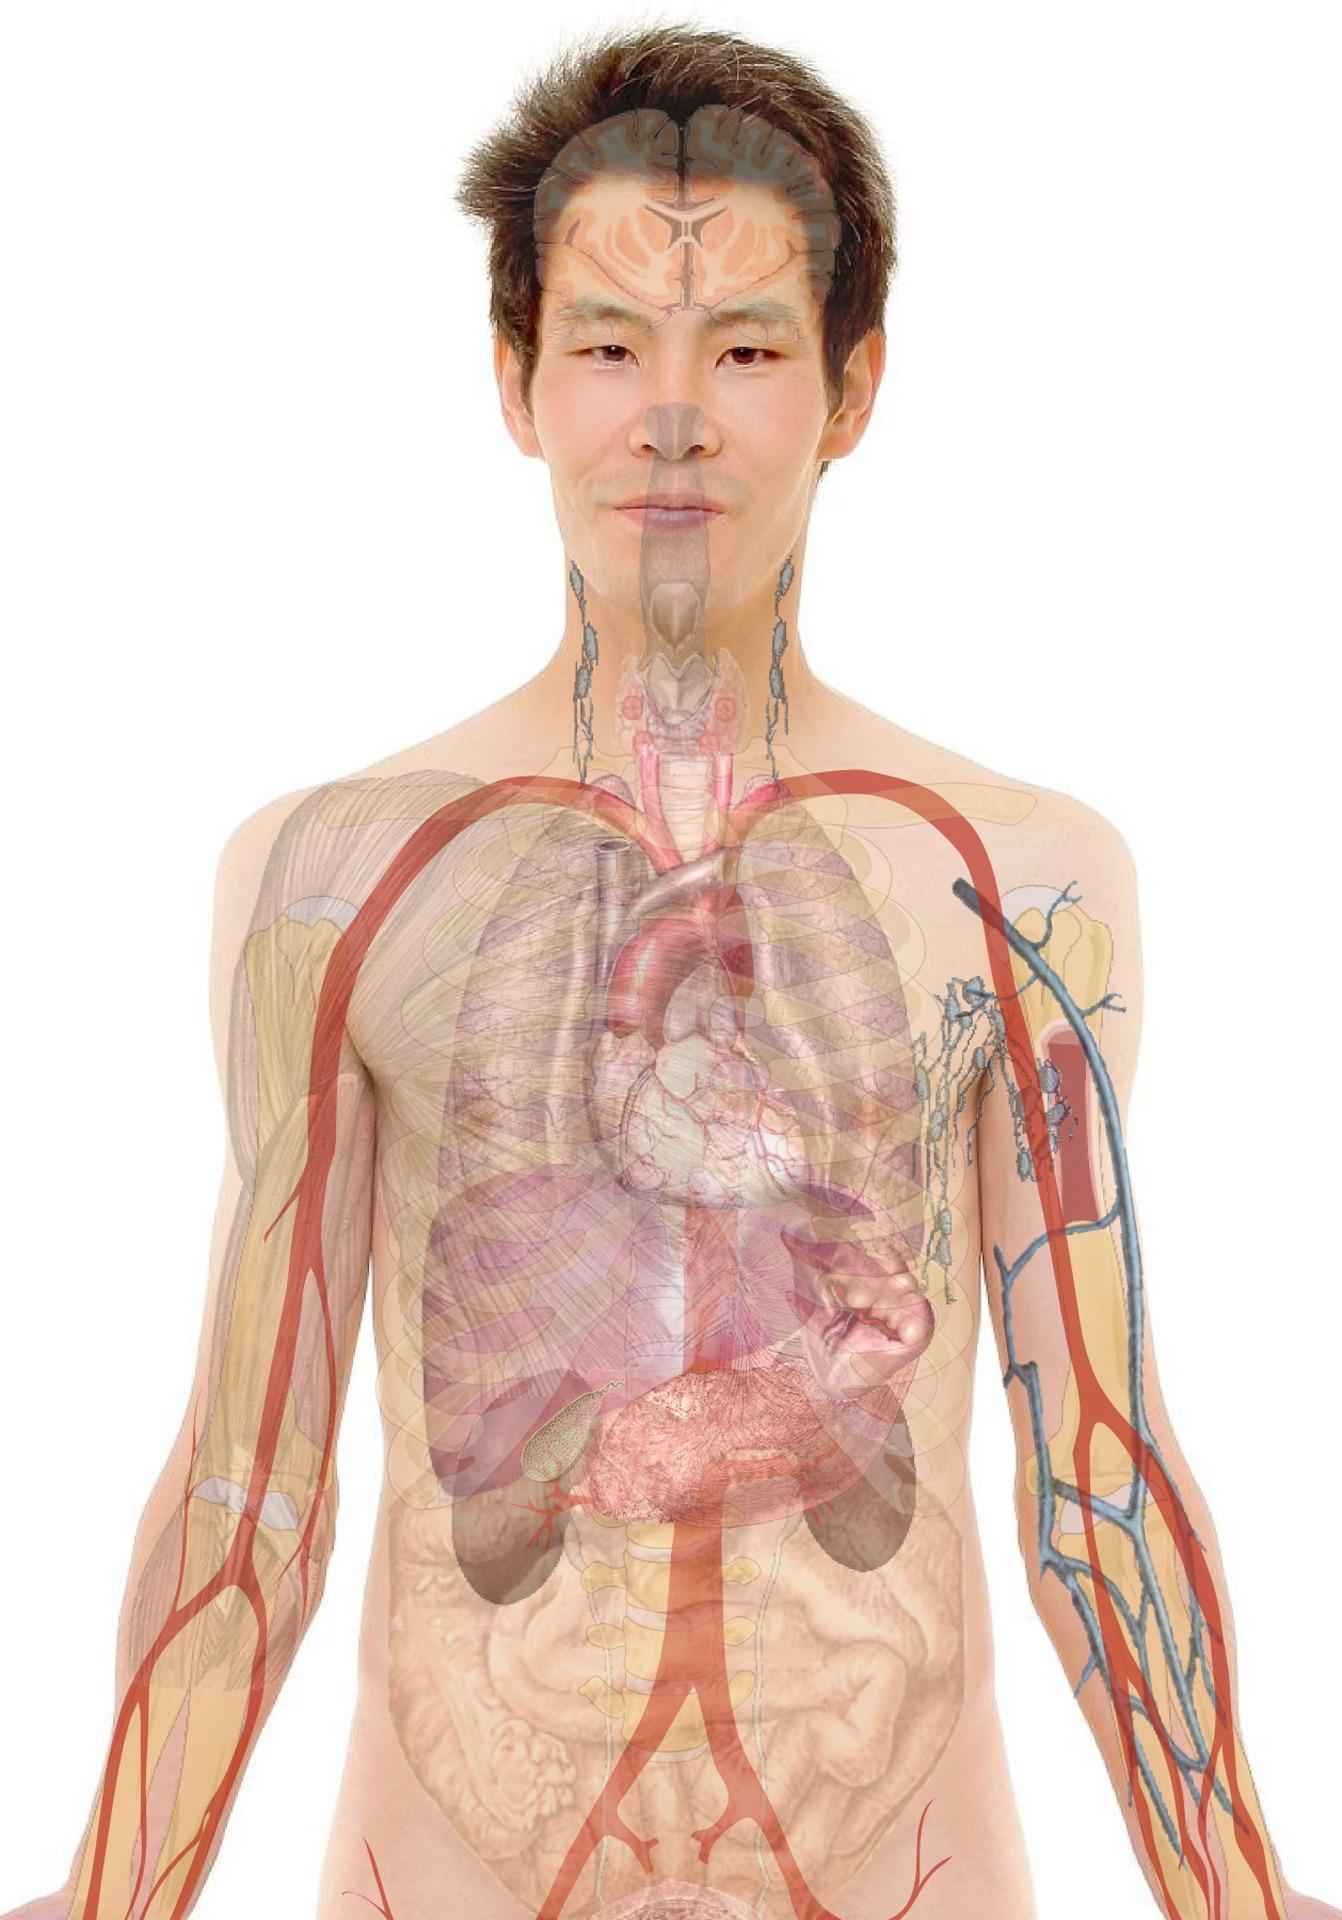 paraziták az emberi testben hogyan lehet eltávolítani